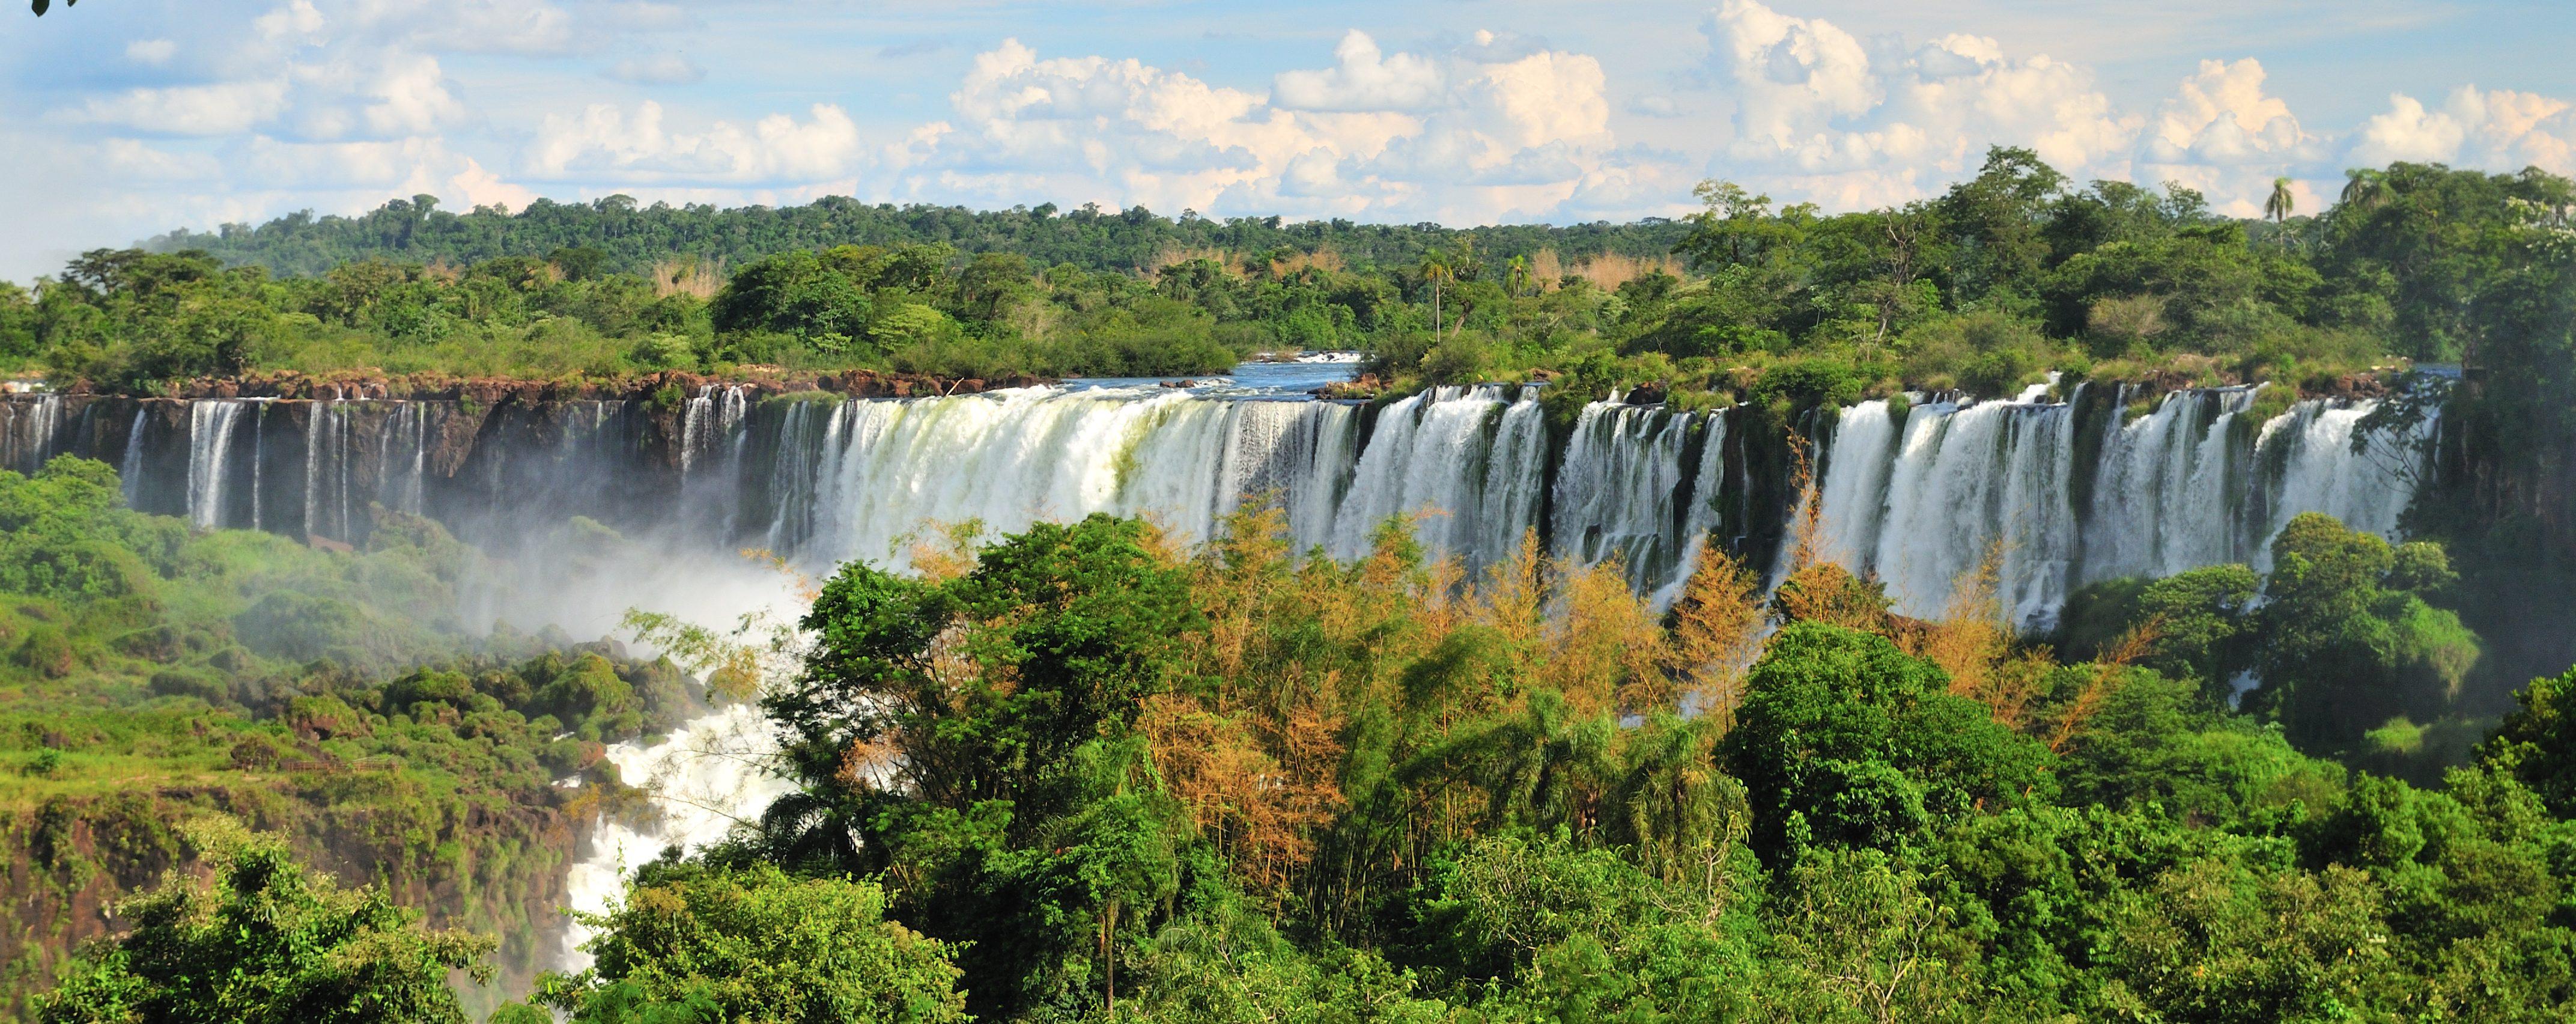 chutes d'Iguaçu vision en arc de cercle